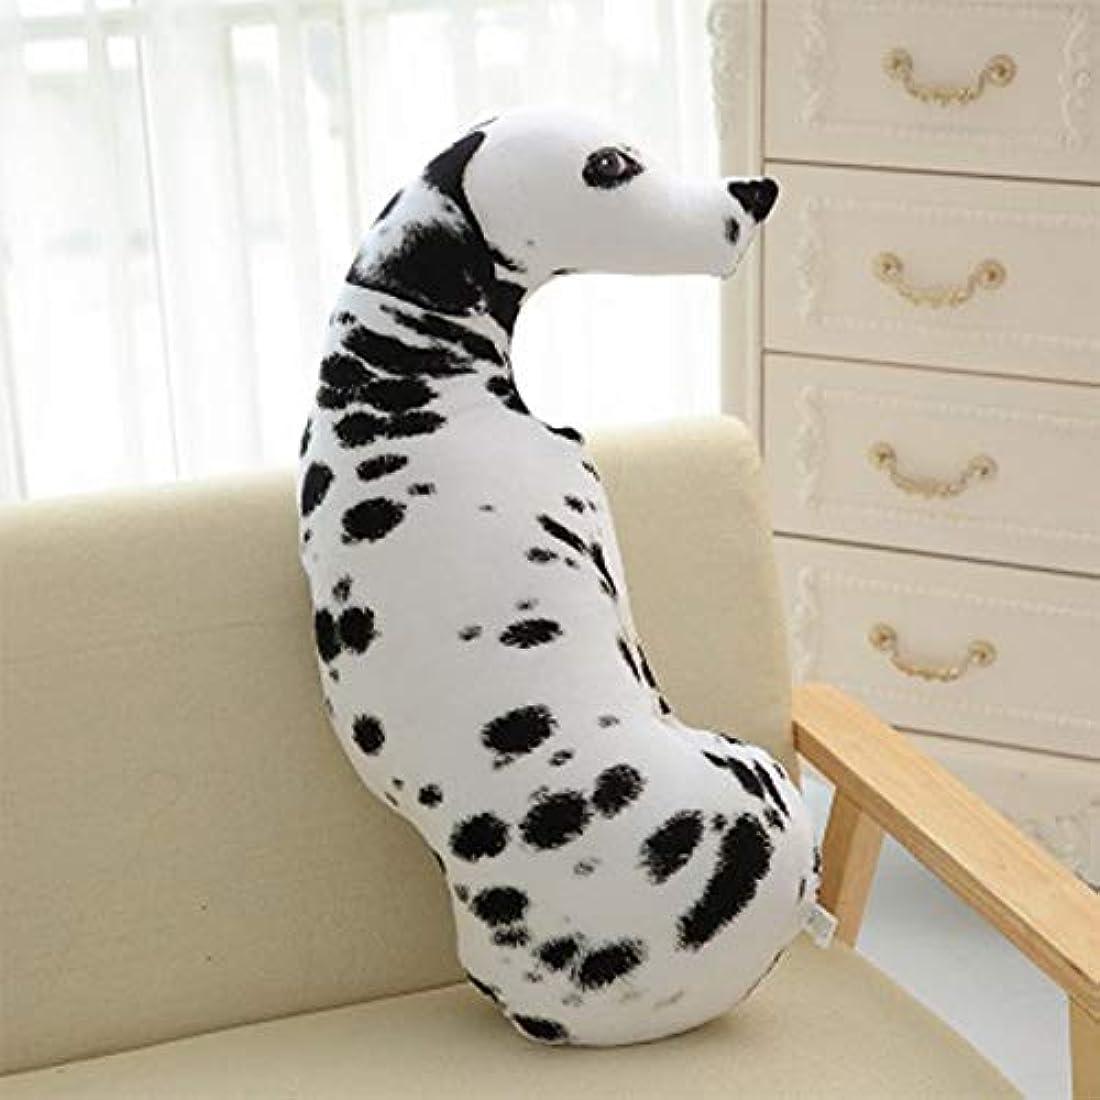 泣くスタンドスズメバチLIFE 3D プリントシミュレーション犬ぬいぐるみクッションぬいぐるみ犬ぬいぐるみ枕ぬいぐるみの漫画クッションキッズ人形ベストギフト クッション 椅子